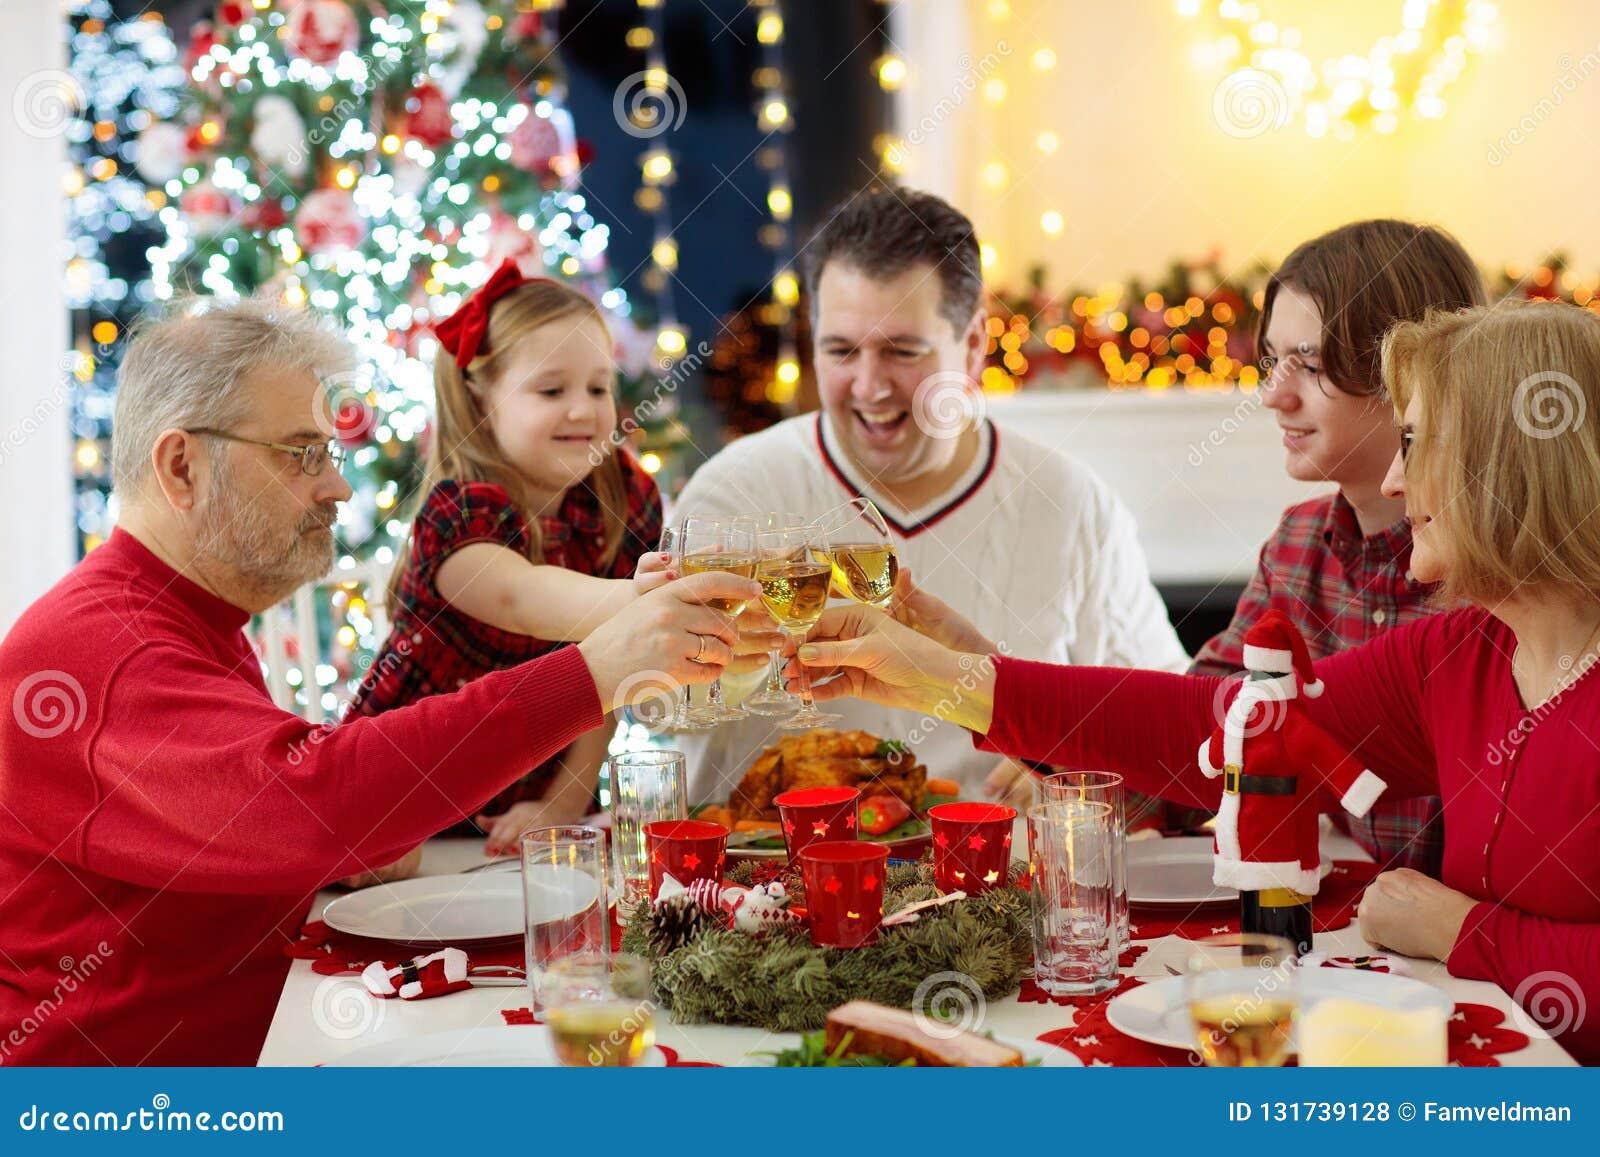 Familj med barn som äter julmatställen på spisen och det dekorerade Xmas-trädet Föräldrar, morföräldrar och ungar på festligt mål